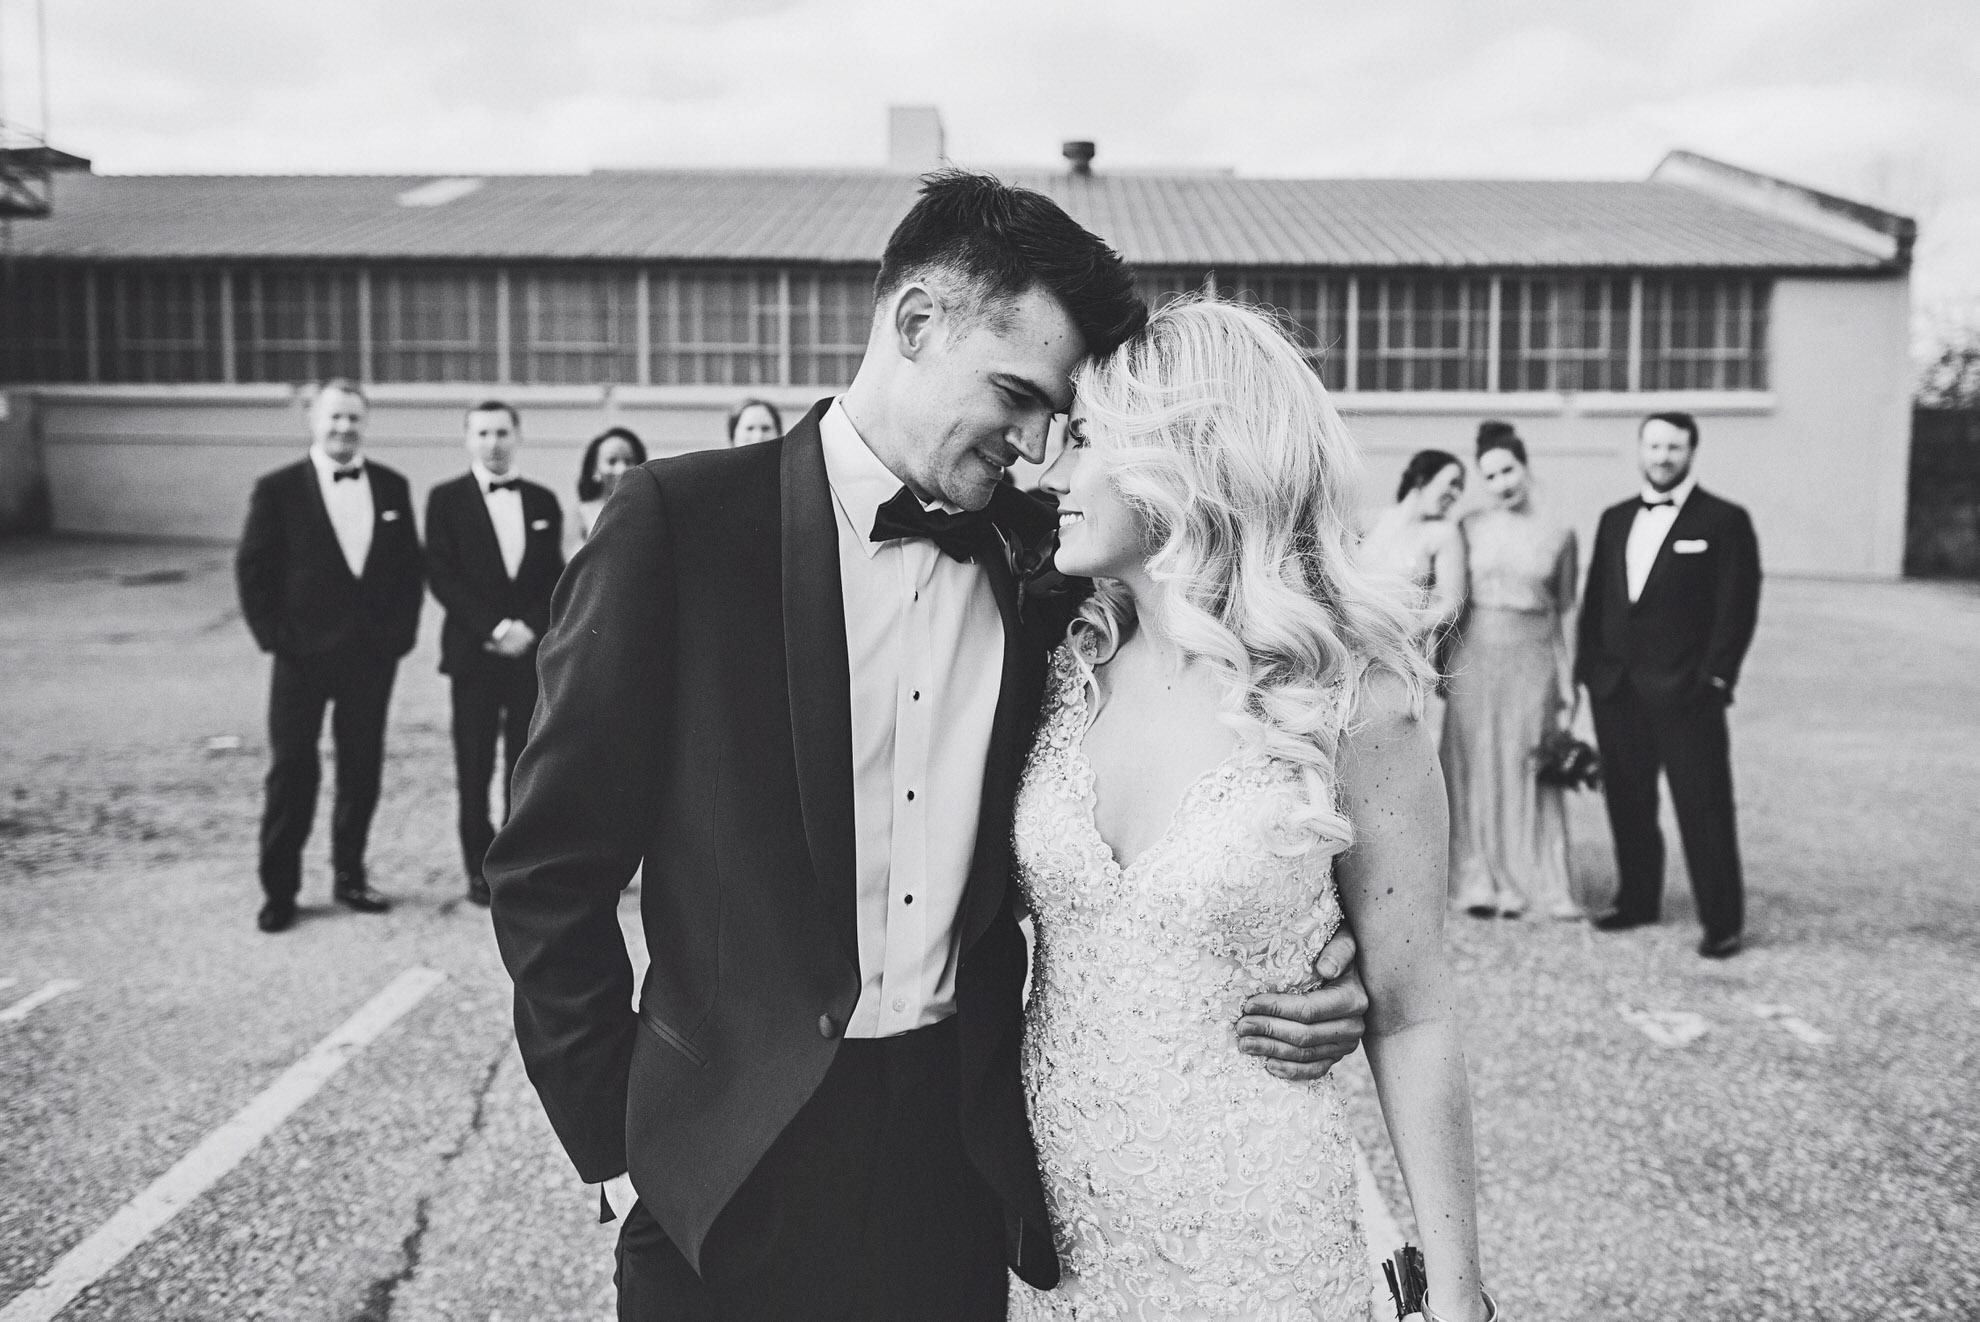 erika_Alex_wedding_by_lucas_botz_photography_0936.jpg